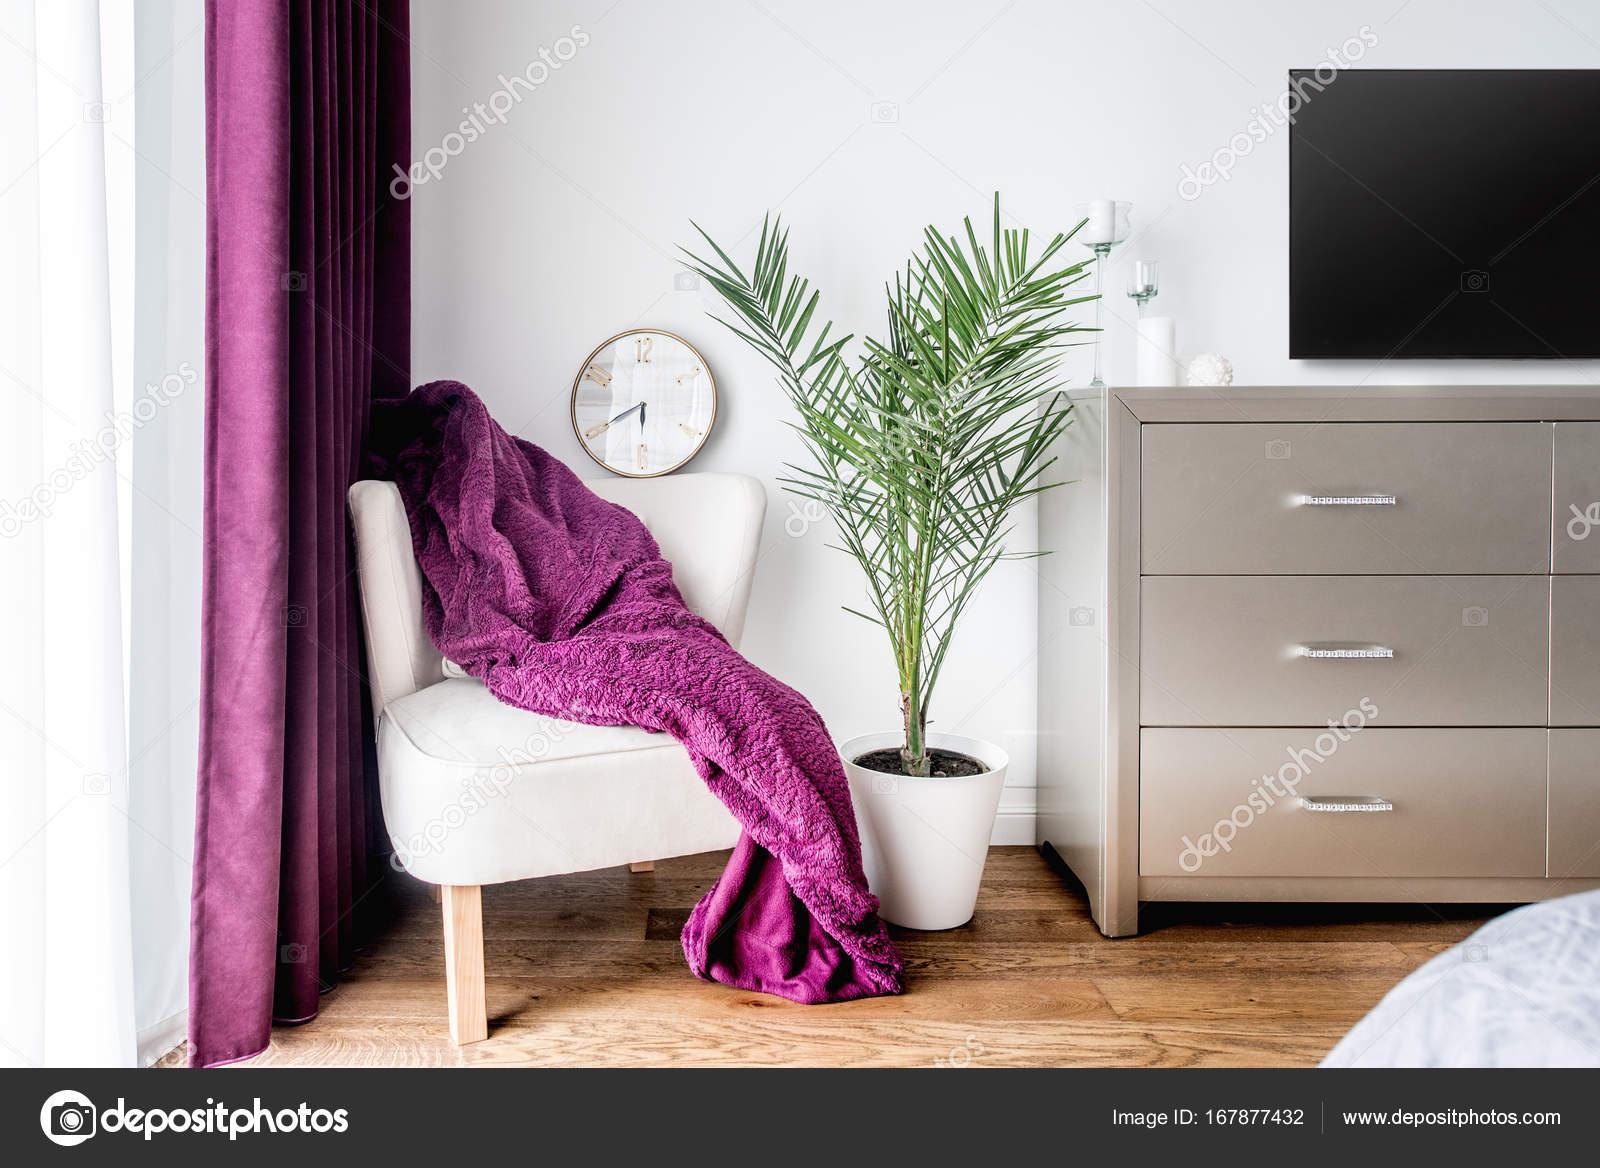 Poltrona, coperta viola e un orologio da parete come decorazione in ...